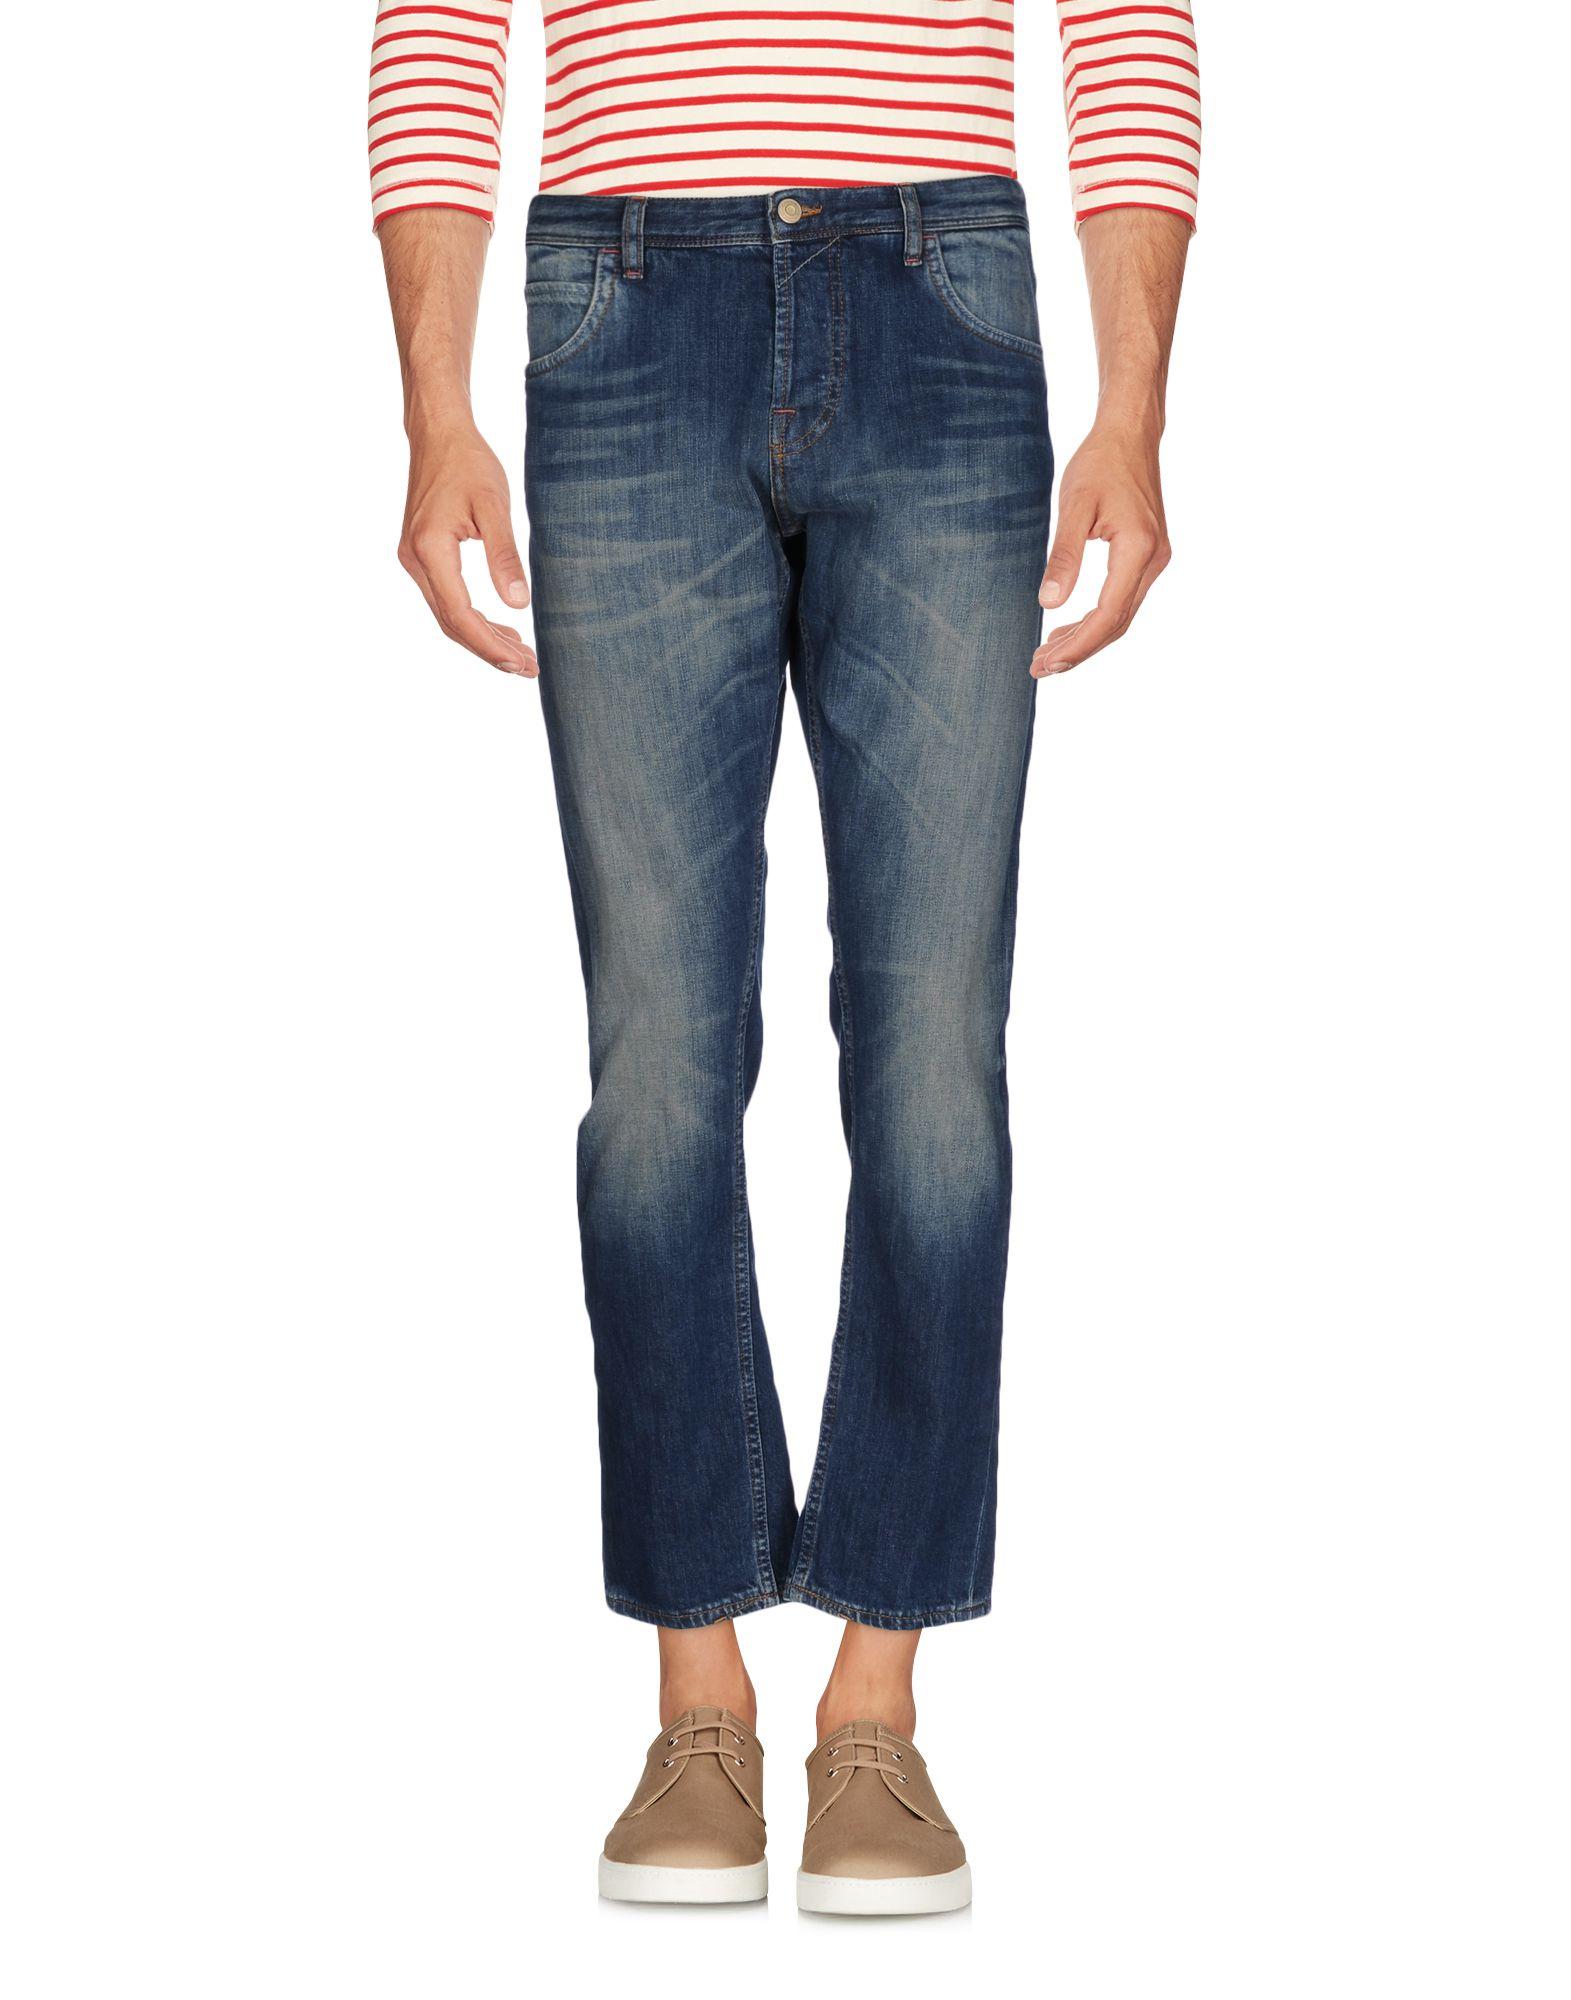 Pantaloni Jeans Jeans Jeans Patrizia Pepe uomo - 42550780XX c85